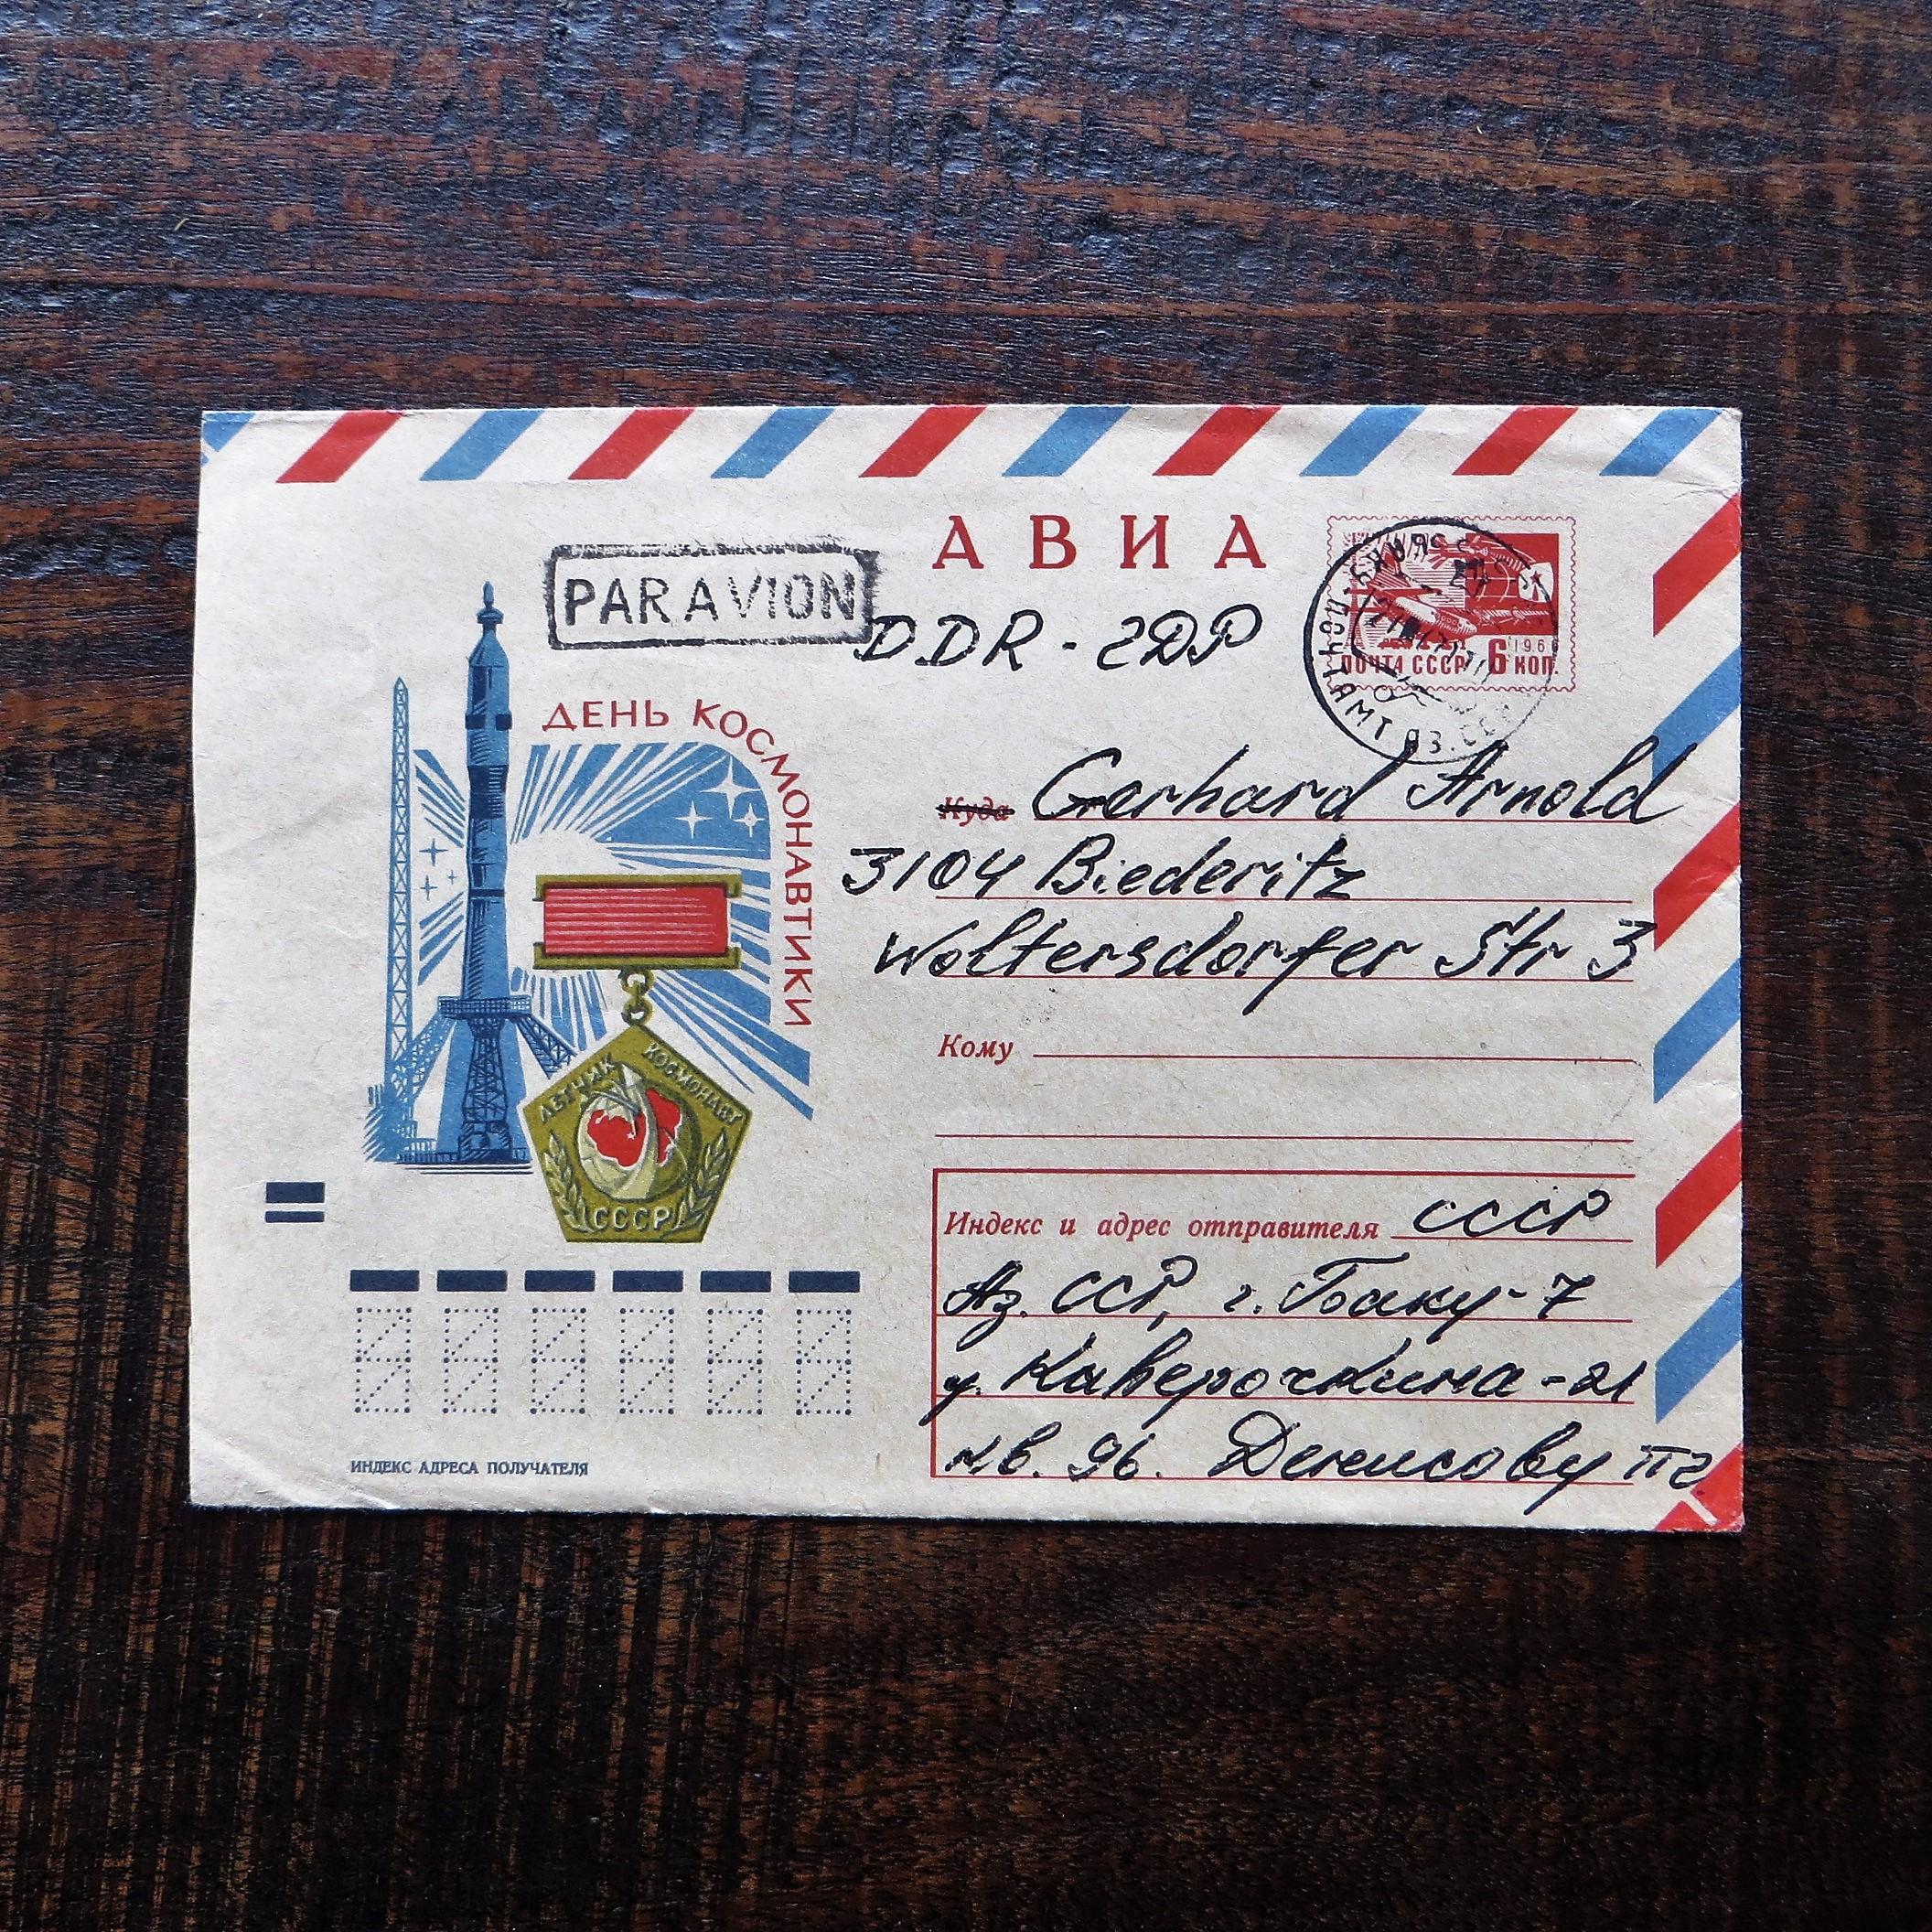 fdc-cosmonautics-day-1970-1